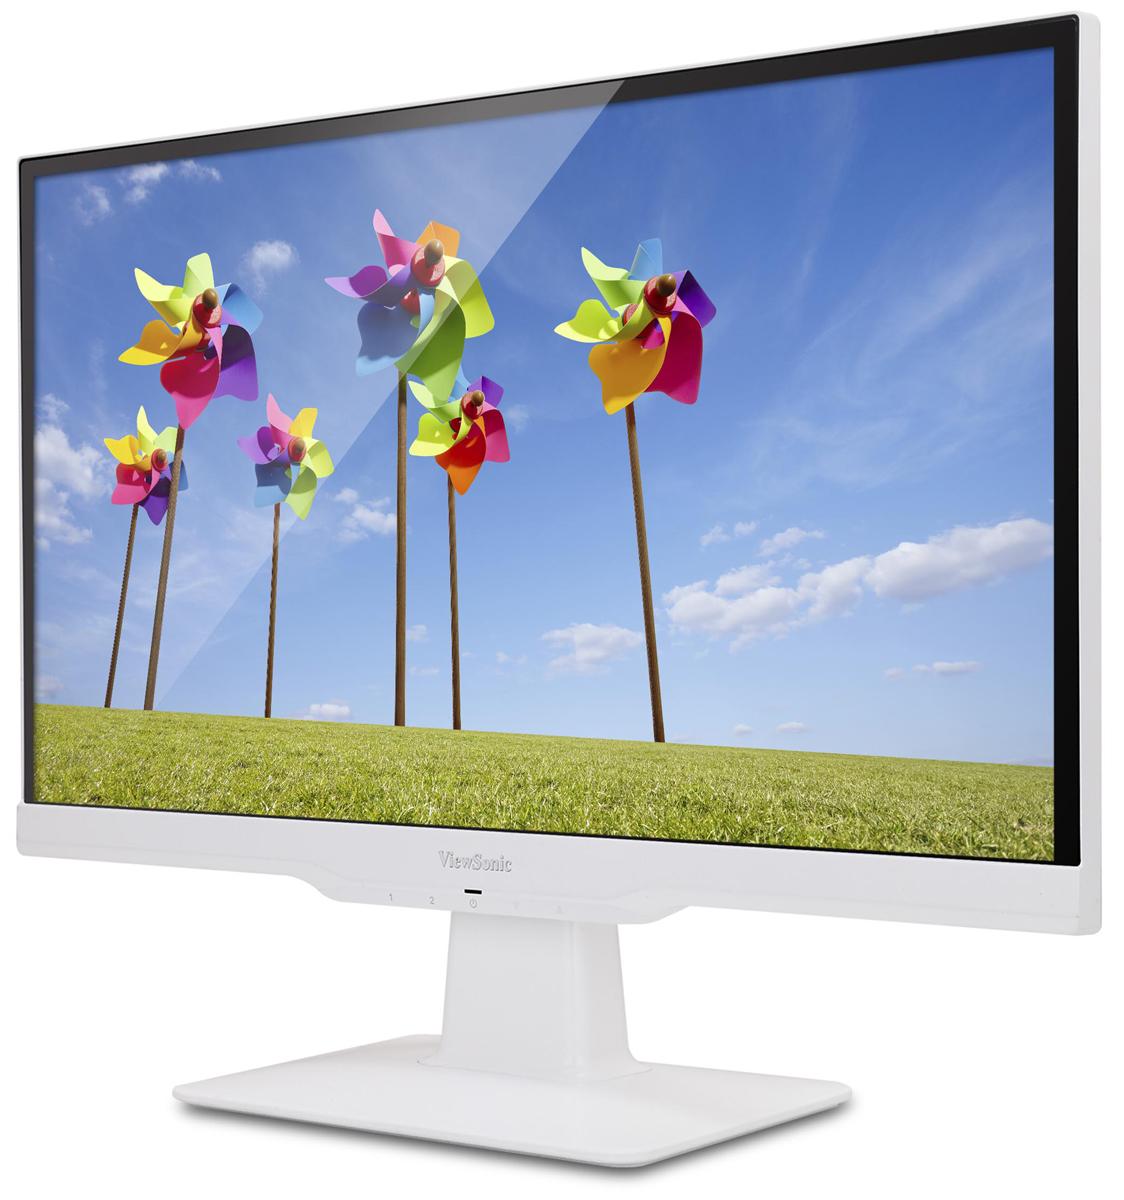 ViewSonic VX2263SMHL, White мониторVS1570122-дюймовый мультимедийный монитор ViewSonic VX2263Smhl Full HD с портами HDMI и MHL/HDMI для подключения различных устройств высокой четкости и мобильных устройств. Технология SuperClear IPS, широкие углы обзора 178 градусов и покрытие 95% цветового пространства sRGB обеспечивают превосходный уровень цветопередачи. Благодаря технологии ClearMotiv со сверхкоротким временем отклика 2 мс (GtG), технологии ViewMode и двум динамикам любители кино и ценители компьютерных игр получат отличное качество звука и изображения. Технологии для защиты глаз Flicker-Free и Blue Light Filter, режим ECO, элегантный ободок без рамки, белое глянцевое покрытие корпуса и крепления, соответствующие стандартам VESA, делают монитор VX2263Smhl превосходным устройством для любого дома или офиса. Технология улучшения изображения SuperClear обеспечивает превосходную цветопередачу и расширяет углы обзора до 178° по горизонтали и по вертикали. Глядя на экран сверху, снизу, прямо или сбоку, вы можете наслаждаться точными, живыми цветами и устойчивыми уровнями яркости — никакого искажения цвета или снижения уровня яркости.Эксклюзивная технология обработки изображения ViewSonic ClearMotiv II обеспечивает сверхкороткое время отклика жидкокристаллического экрана в 2 мс, создавая плавное изображение без рывков, размытия и фантомных эффектов. Это сверхбыстрое время отклика идеально для игр с интенсивным использованием графической подсистемы, а также хорошо подойдет для просмотра спортивных передач или боевиков.Благодаря интегрированной поддержке MHL пользователи монитора VX2263Smhl могут подключать совместимые мобильные устройства, например смартфоны и планшеты, прямо к монитору. Благодаря этому можно просматривать цифровой контент с мобильных устройств в превосходном разрешении Full HD на большом экране монитора VX2263Smhl и одновременно заряжать аккумулятор мобильного устройства.HDMI — это самый современный видеостандарт с расчетом на будущее, который обеспечи